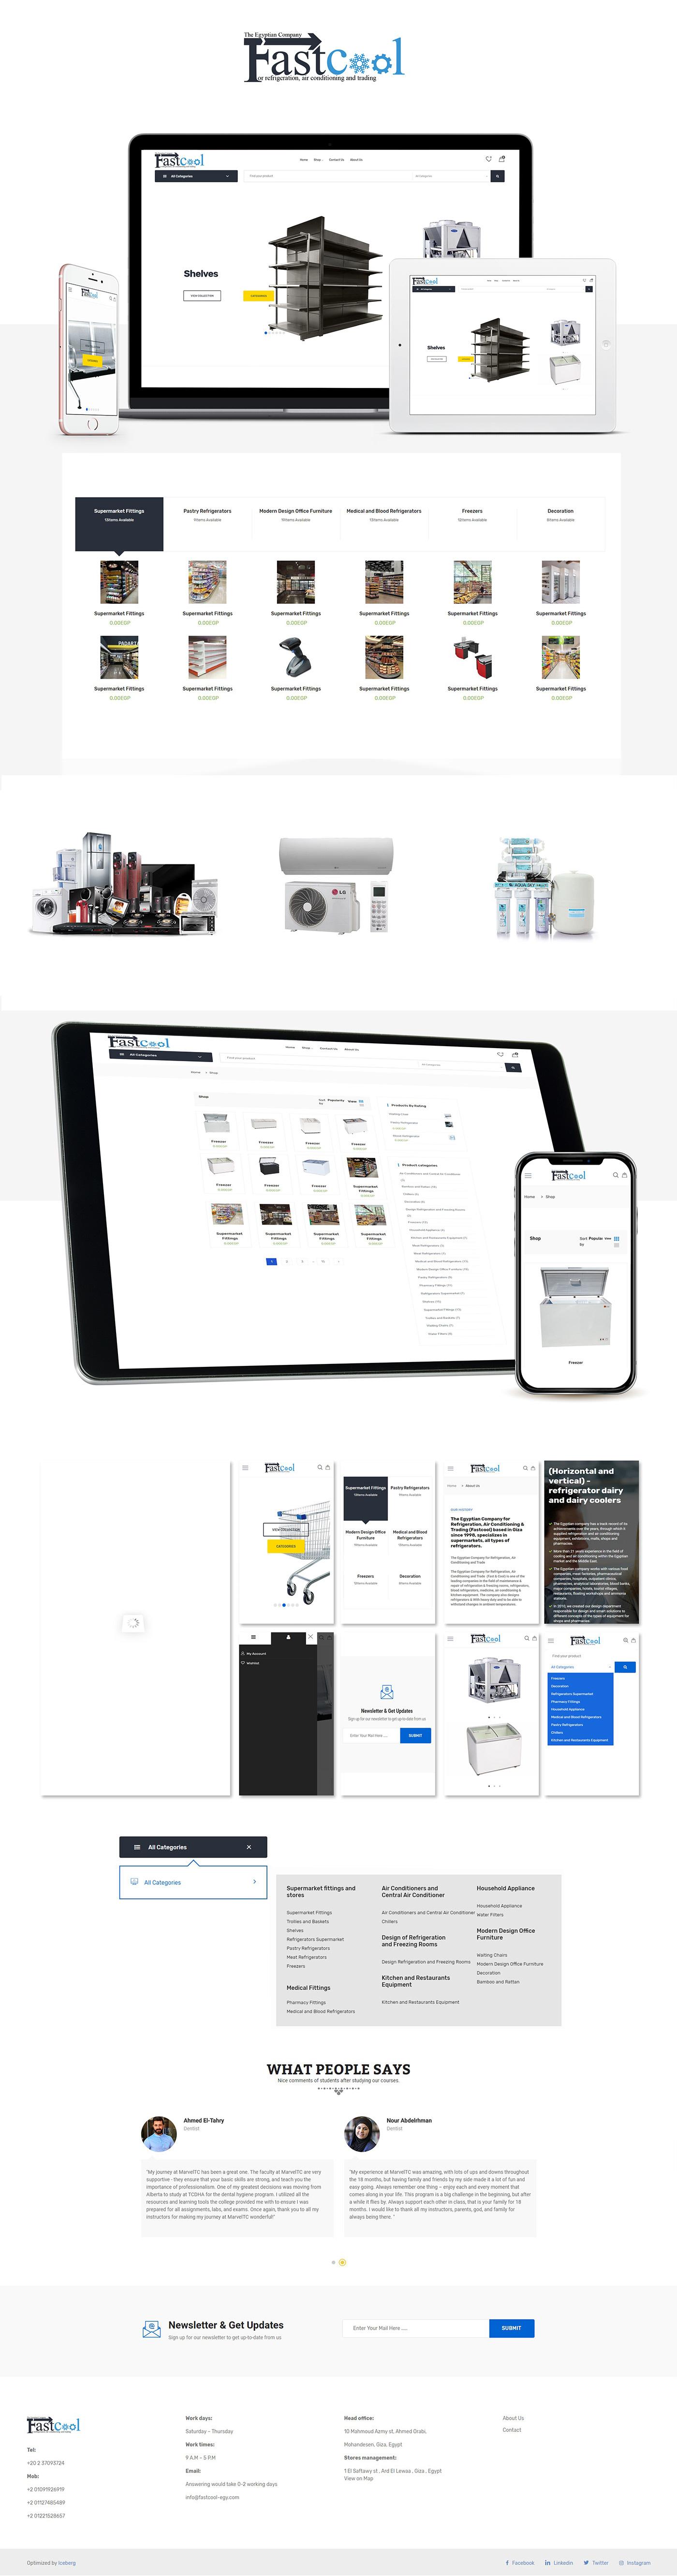 Image may contain: computer, screenshot and abstract